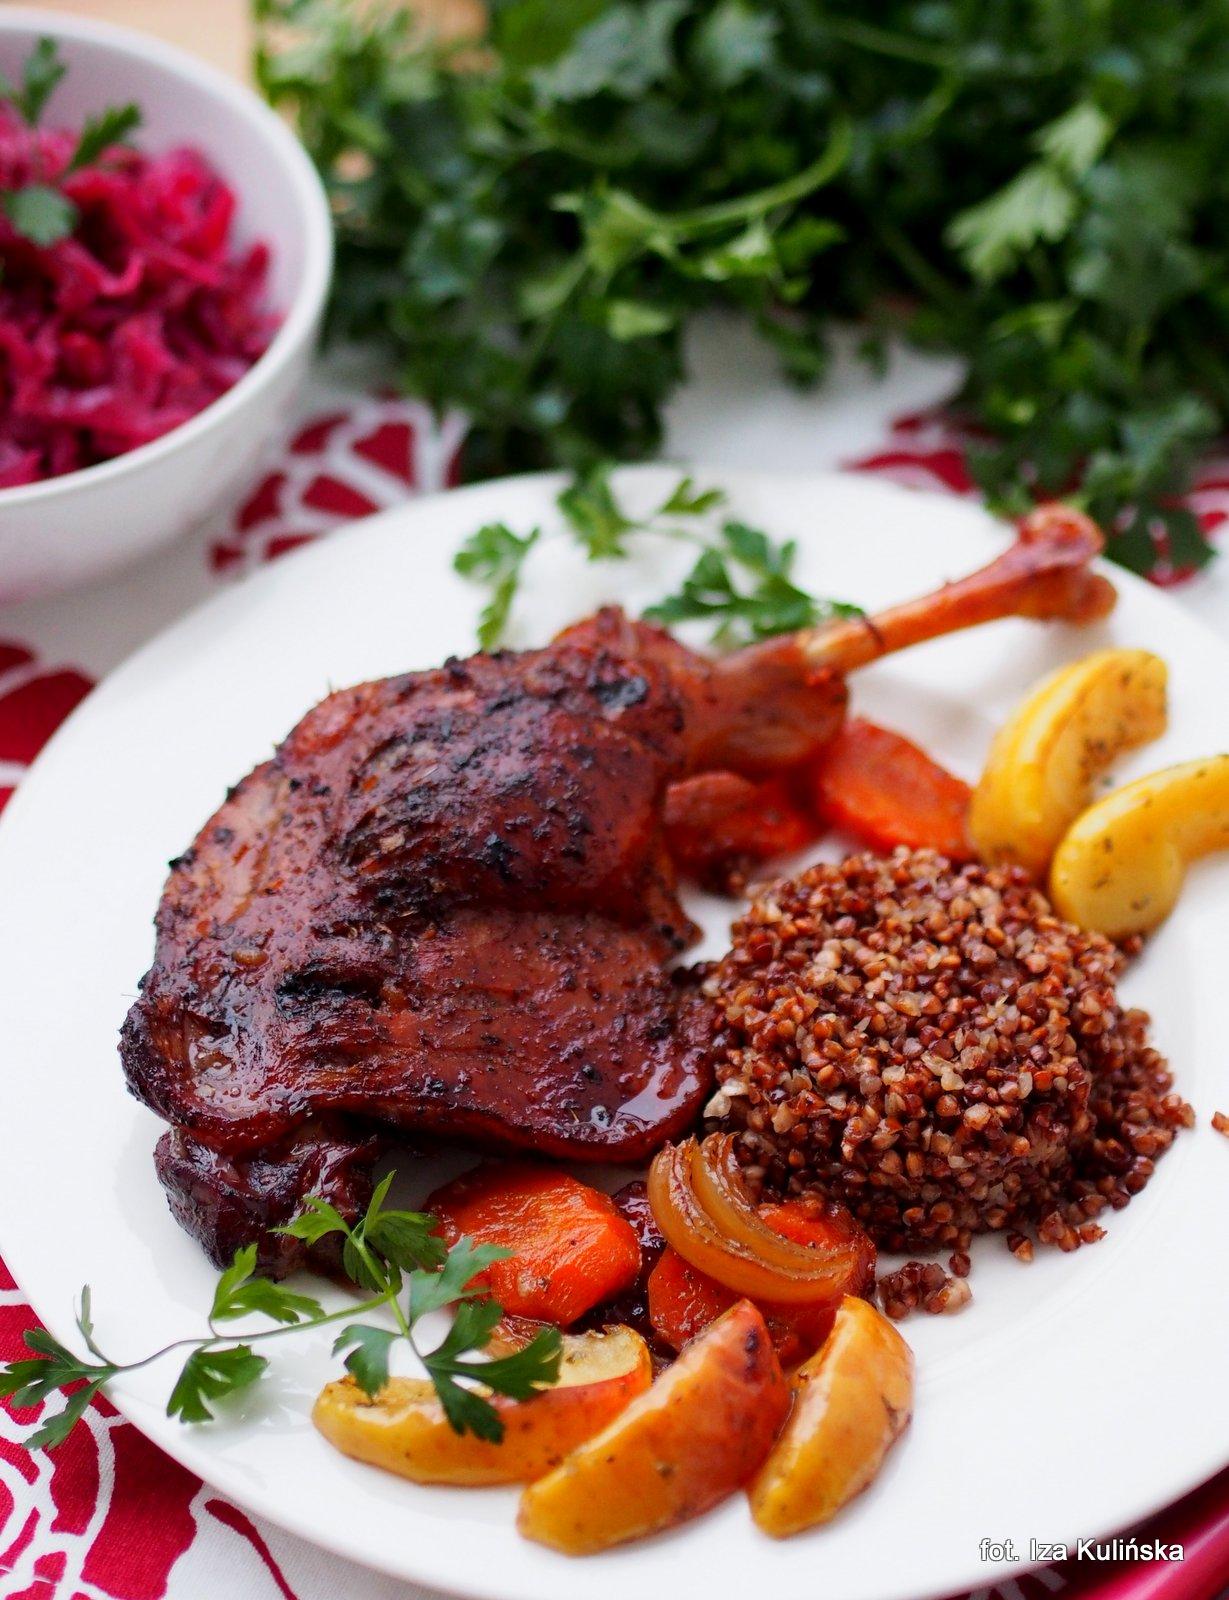 udka gęsie pieczone , gęsina , na świętego Marcina , gęś , gąska , dania z gęsi , najsmaczniejsze dania , domowe jedzenie , mięso , drób , czas na gęsinę , coś pysznego , najlepsze przepisy na domowe jedzenie